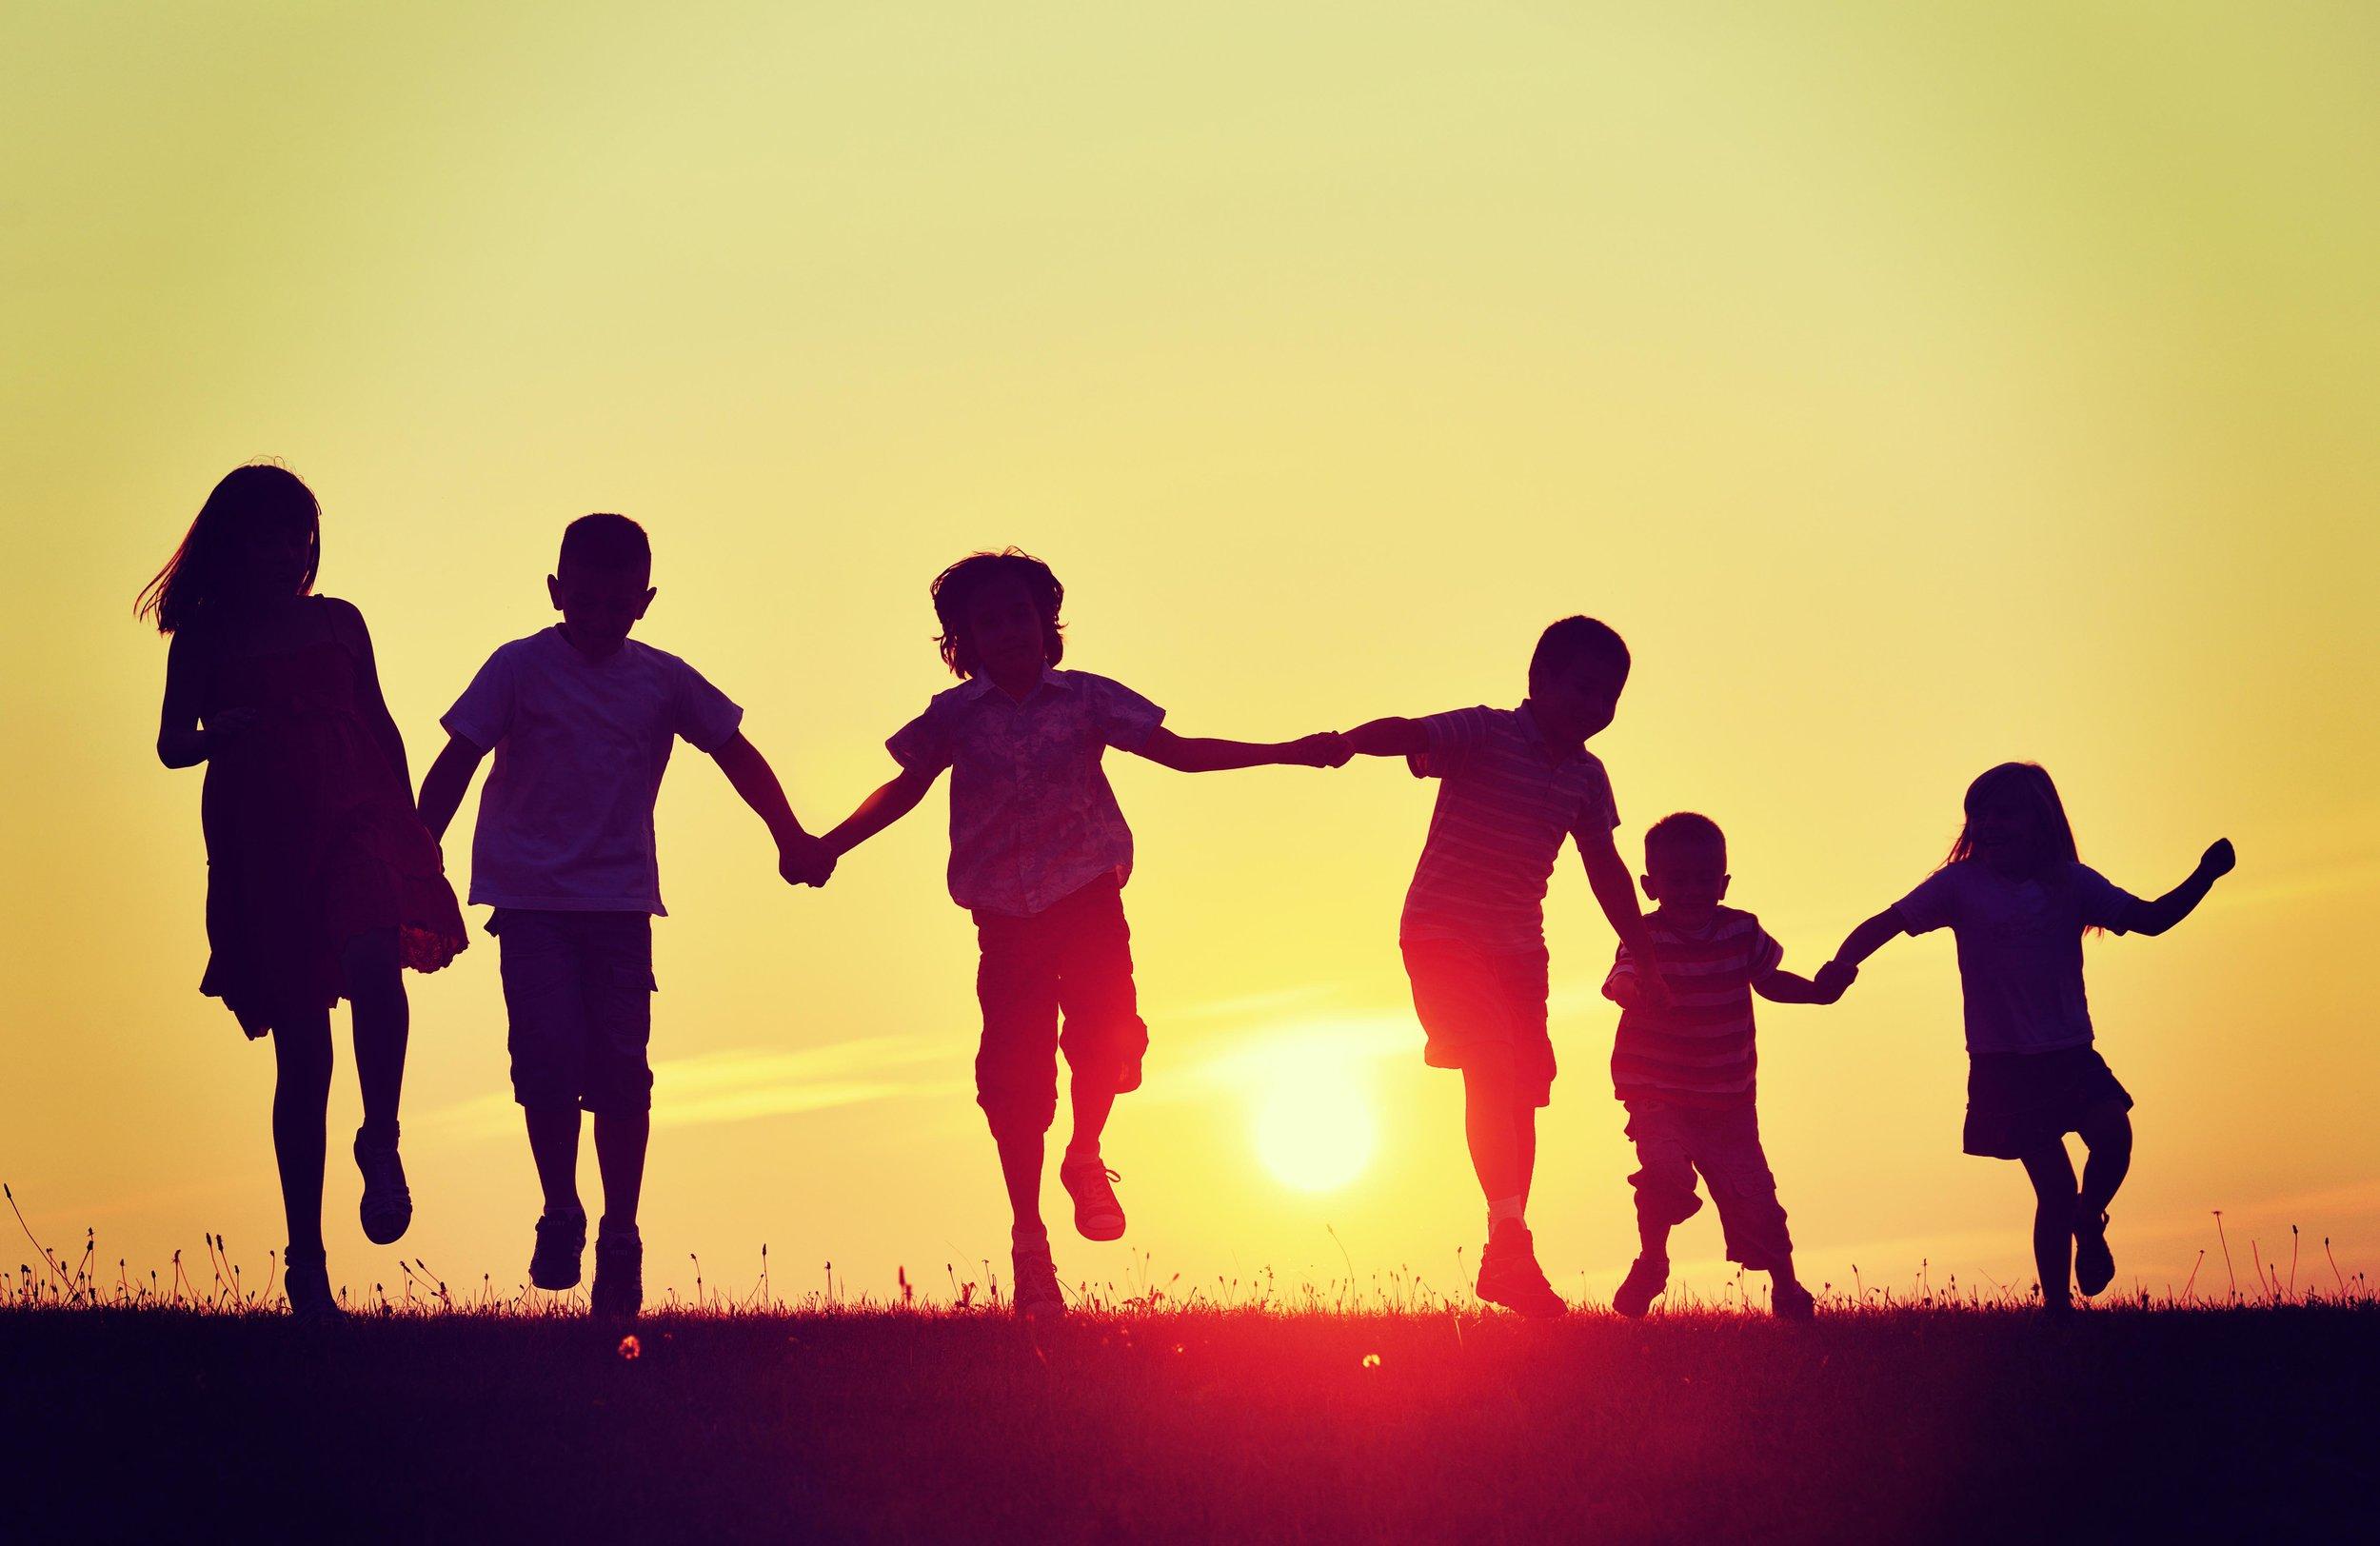 Children silohuette.jpg